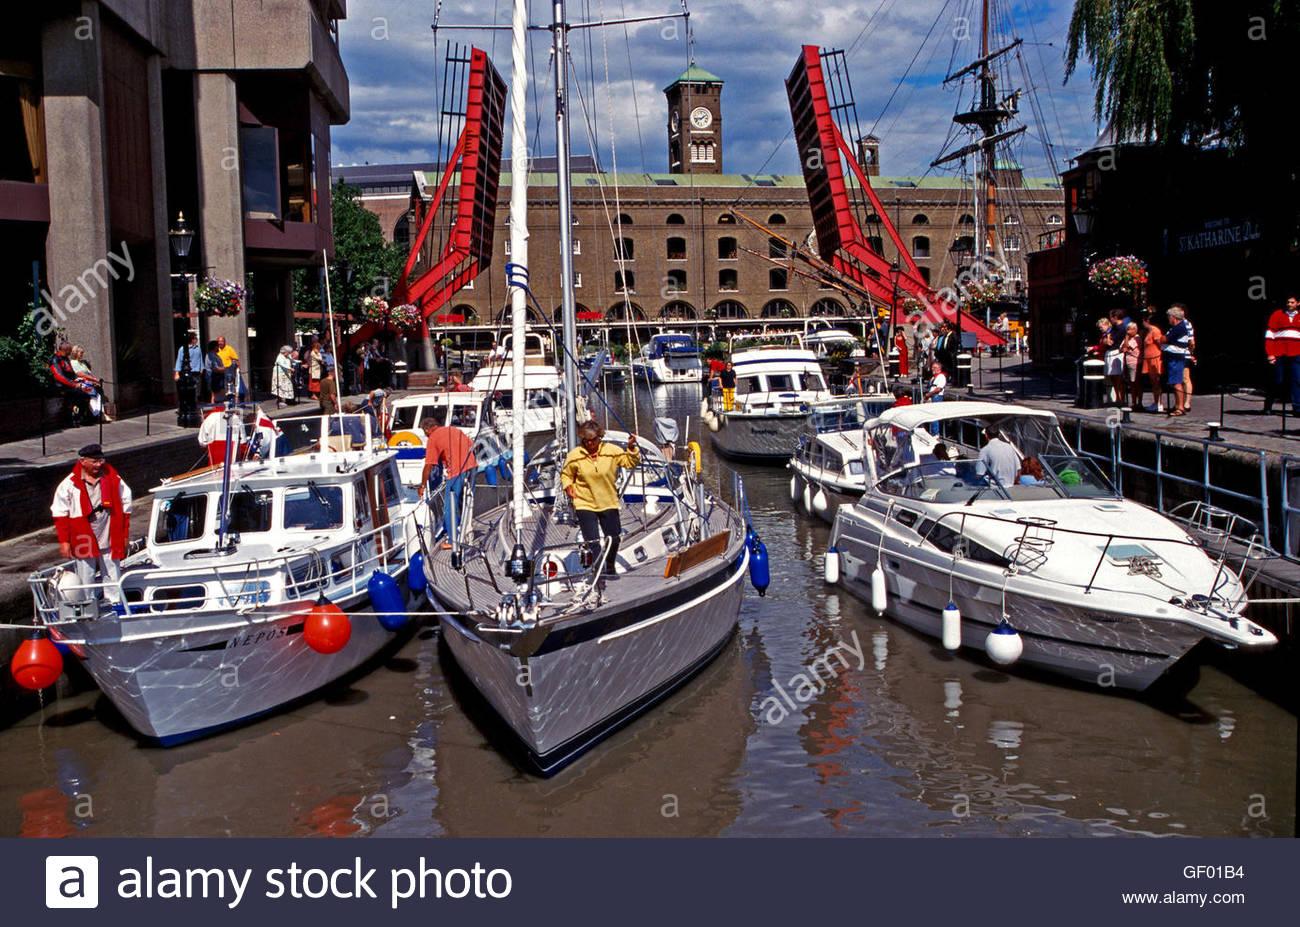 London, England, yachts at entrance of Saint Katharine's docks. folding bridge in background. - Stock Image